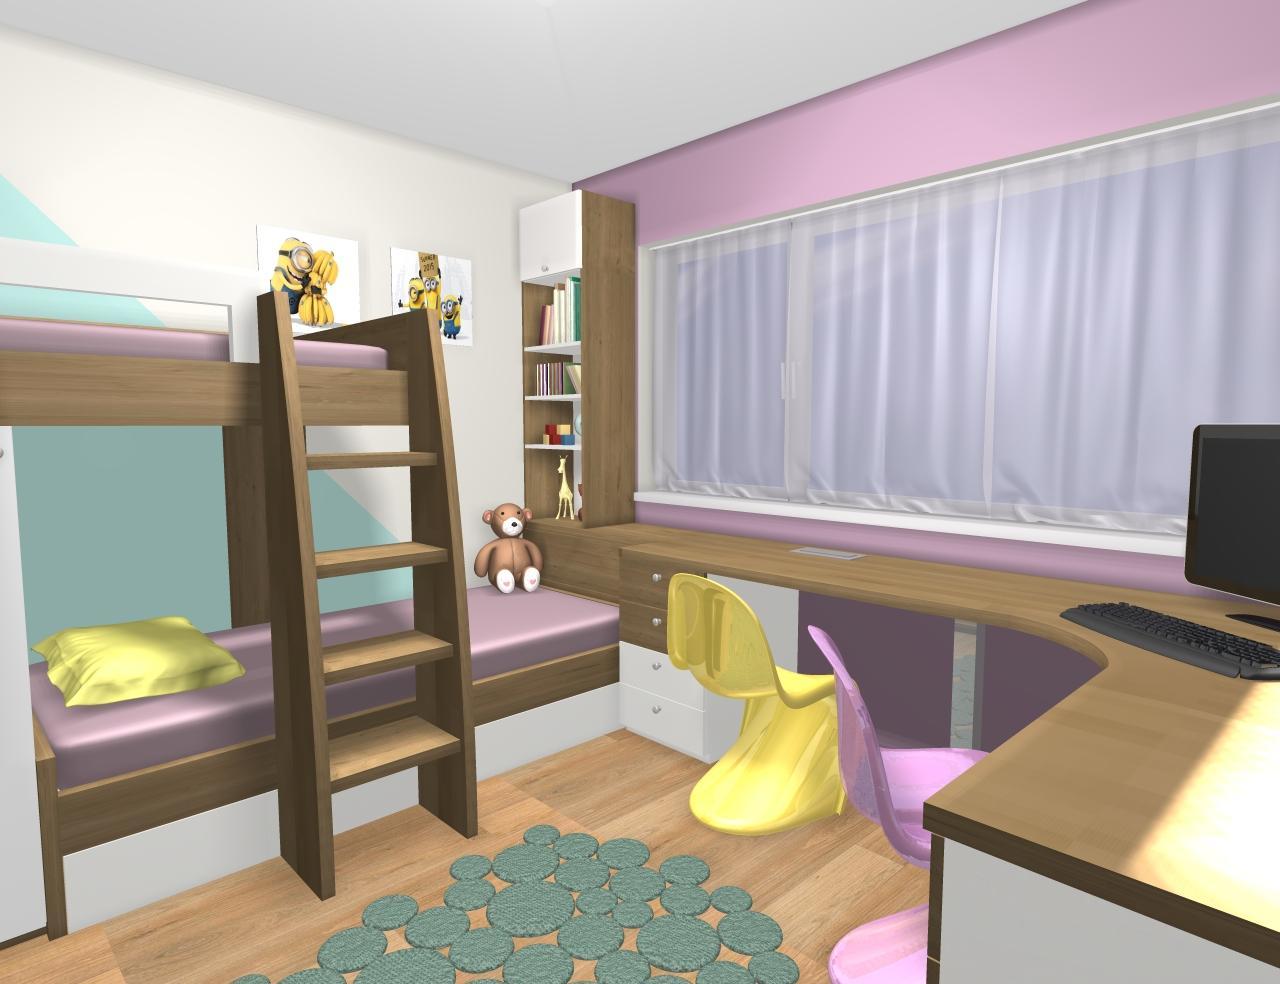 Grafické návrhy interiér 2019 - Grafický návrh detskej izby pre dve dievčatká - verzia 1 - obr.6